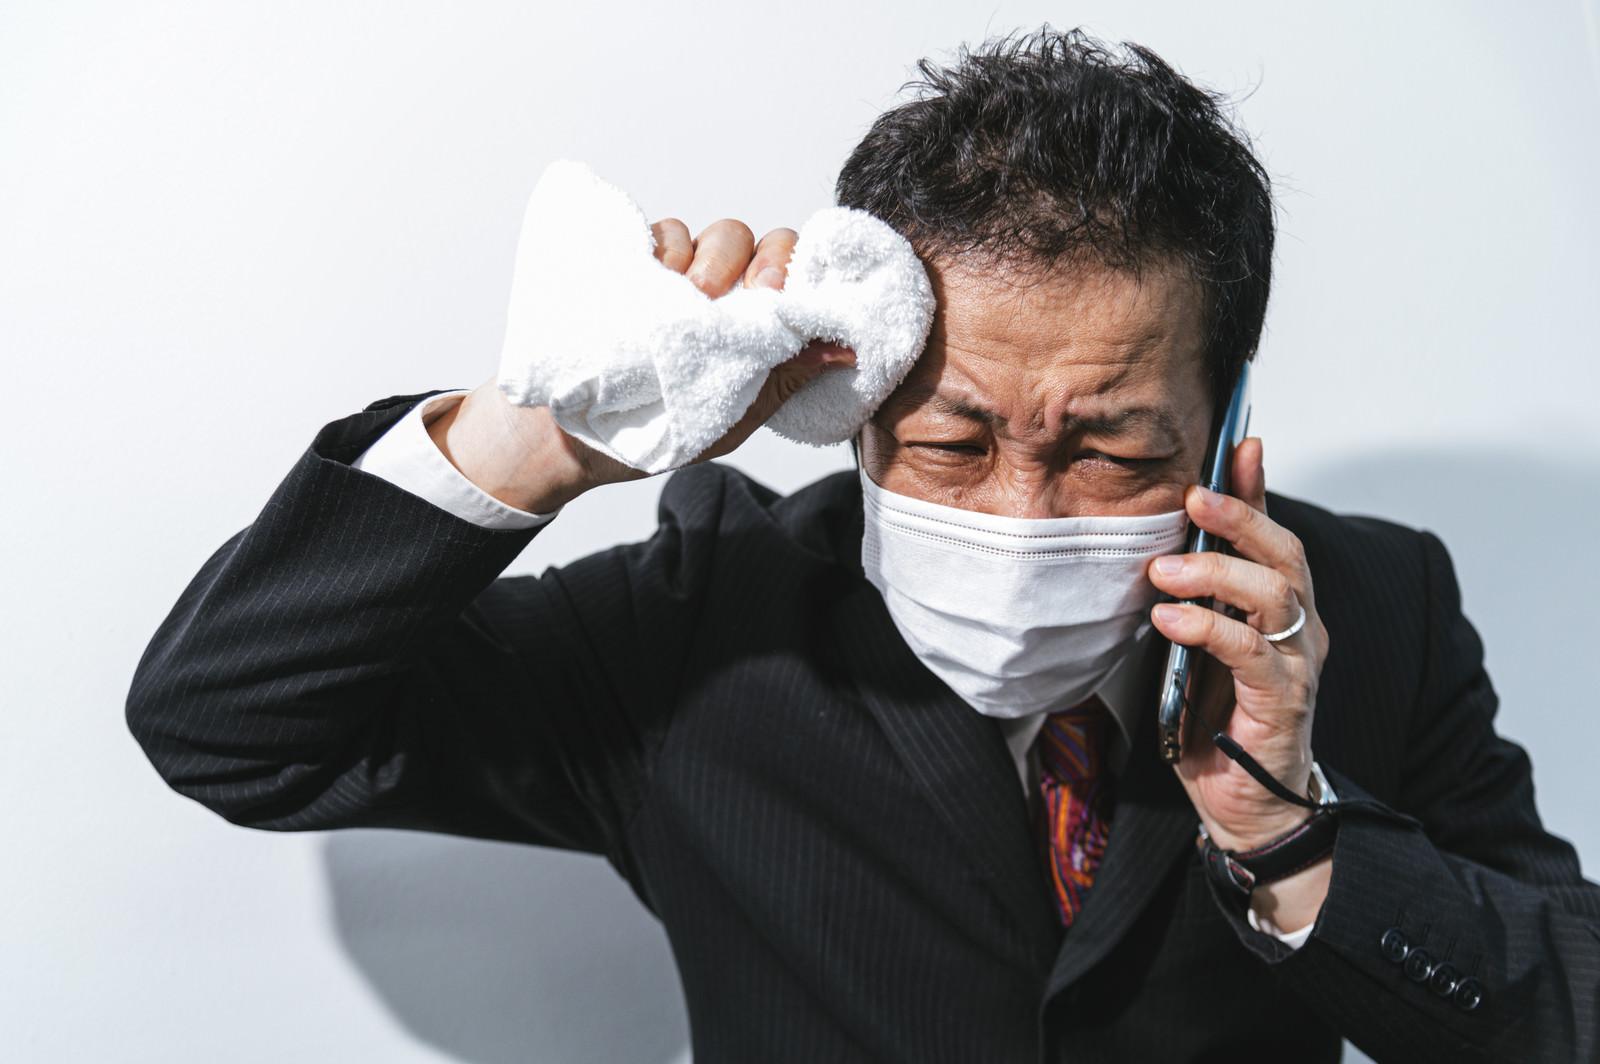 「汗でマスクが濡れて息しずらいし会話聞こえないしつらい営業職」の写真[モデル:のせさん]